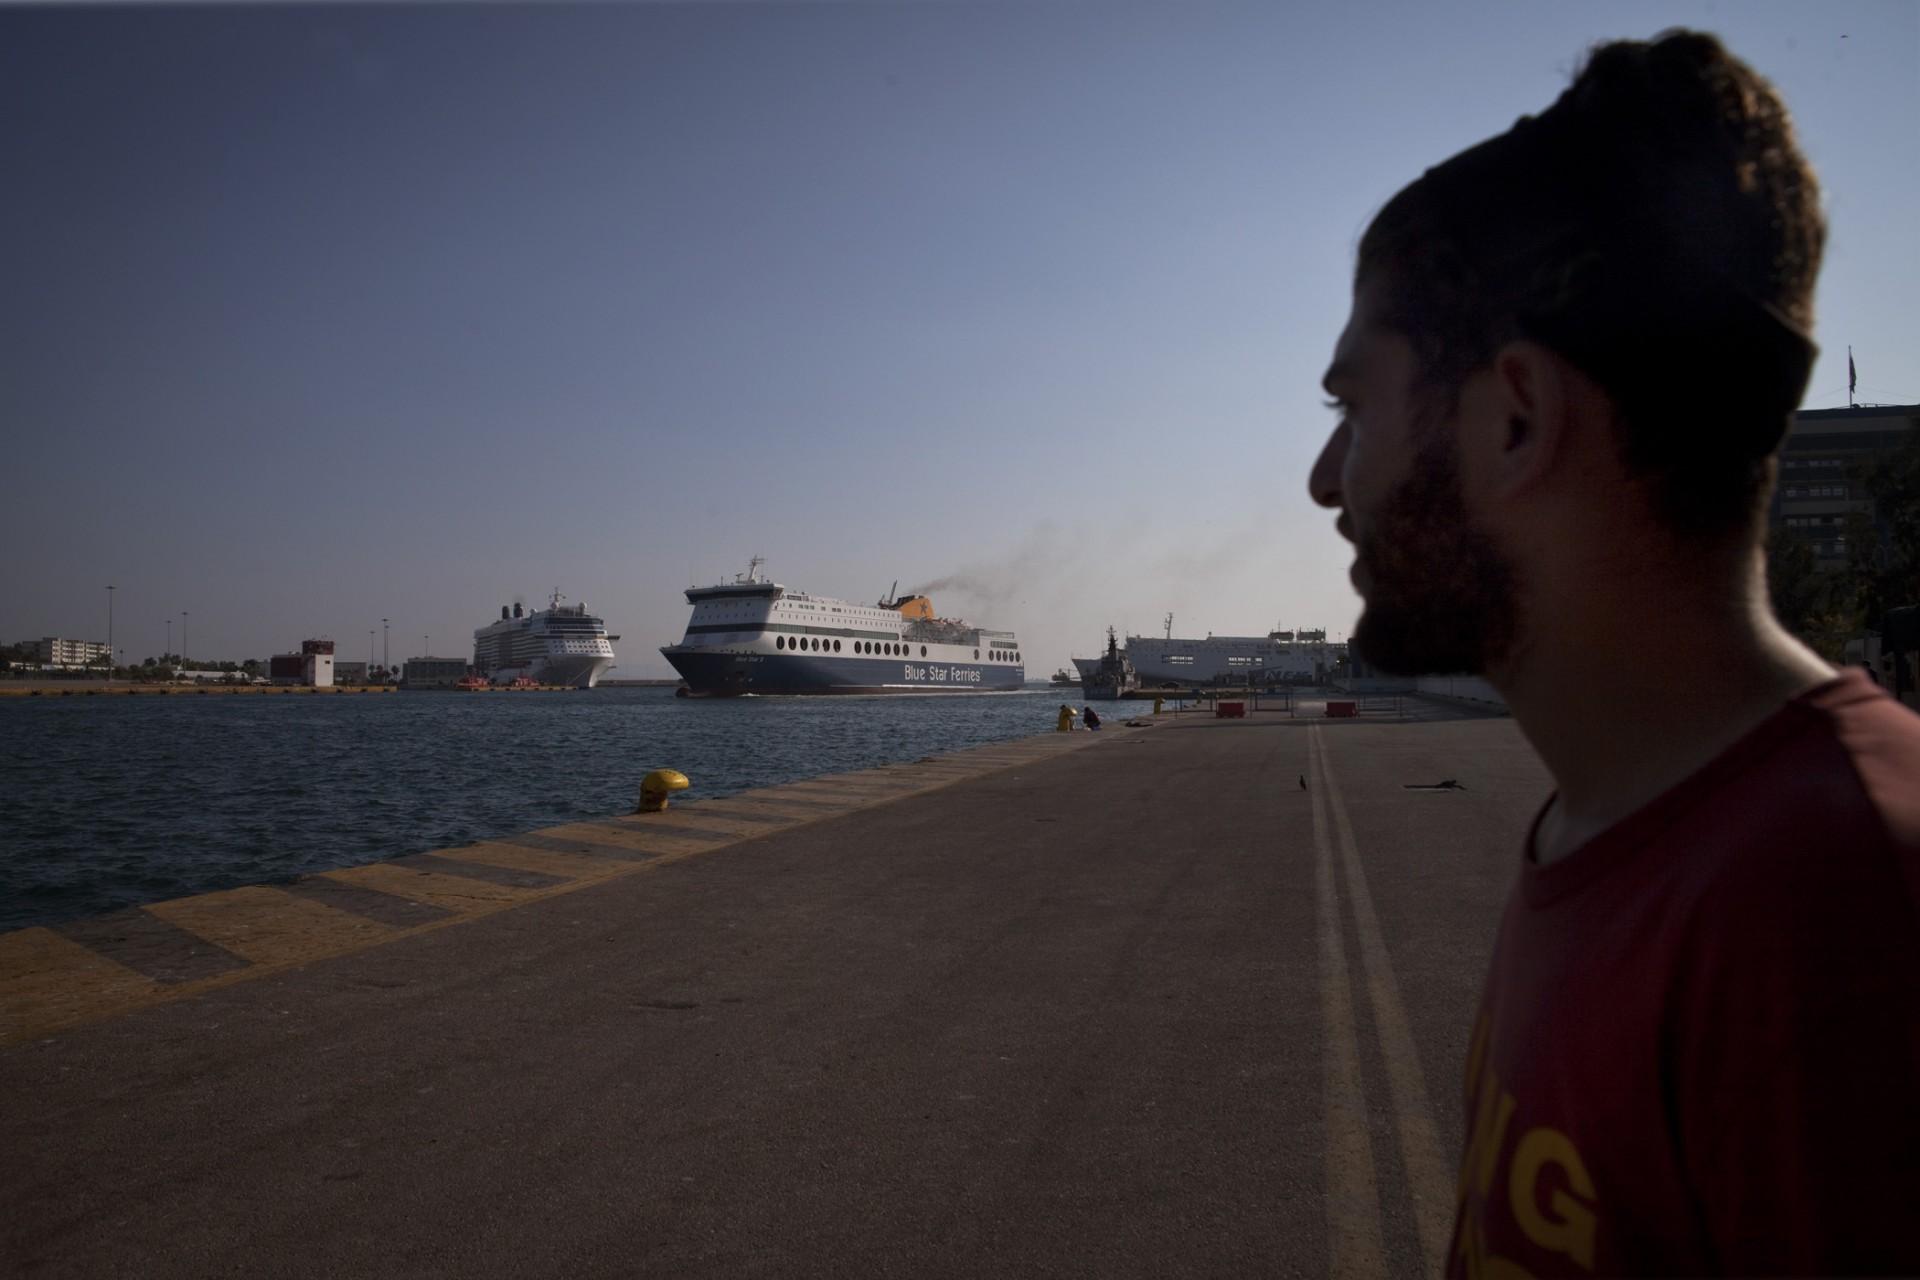 Tout au long de la journée, les bateaux de croisière accostent puis repartent, sous les yeux des migrants bloqués au port.